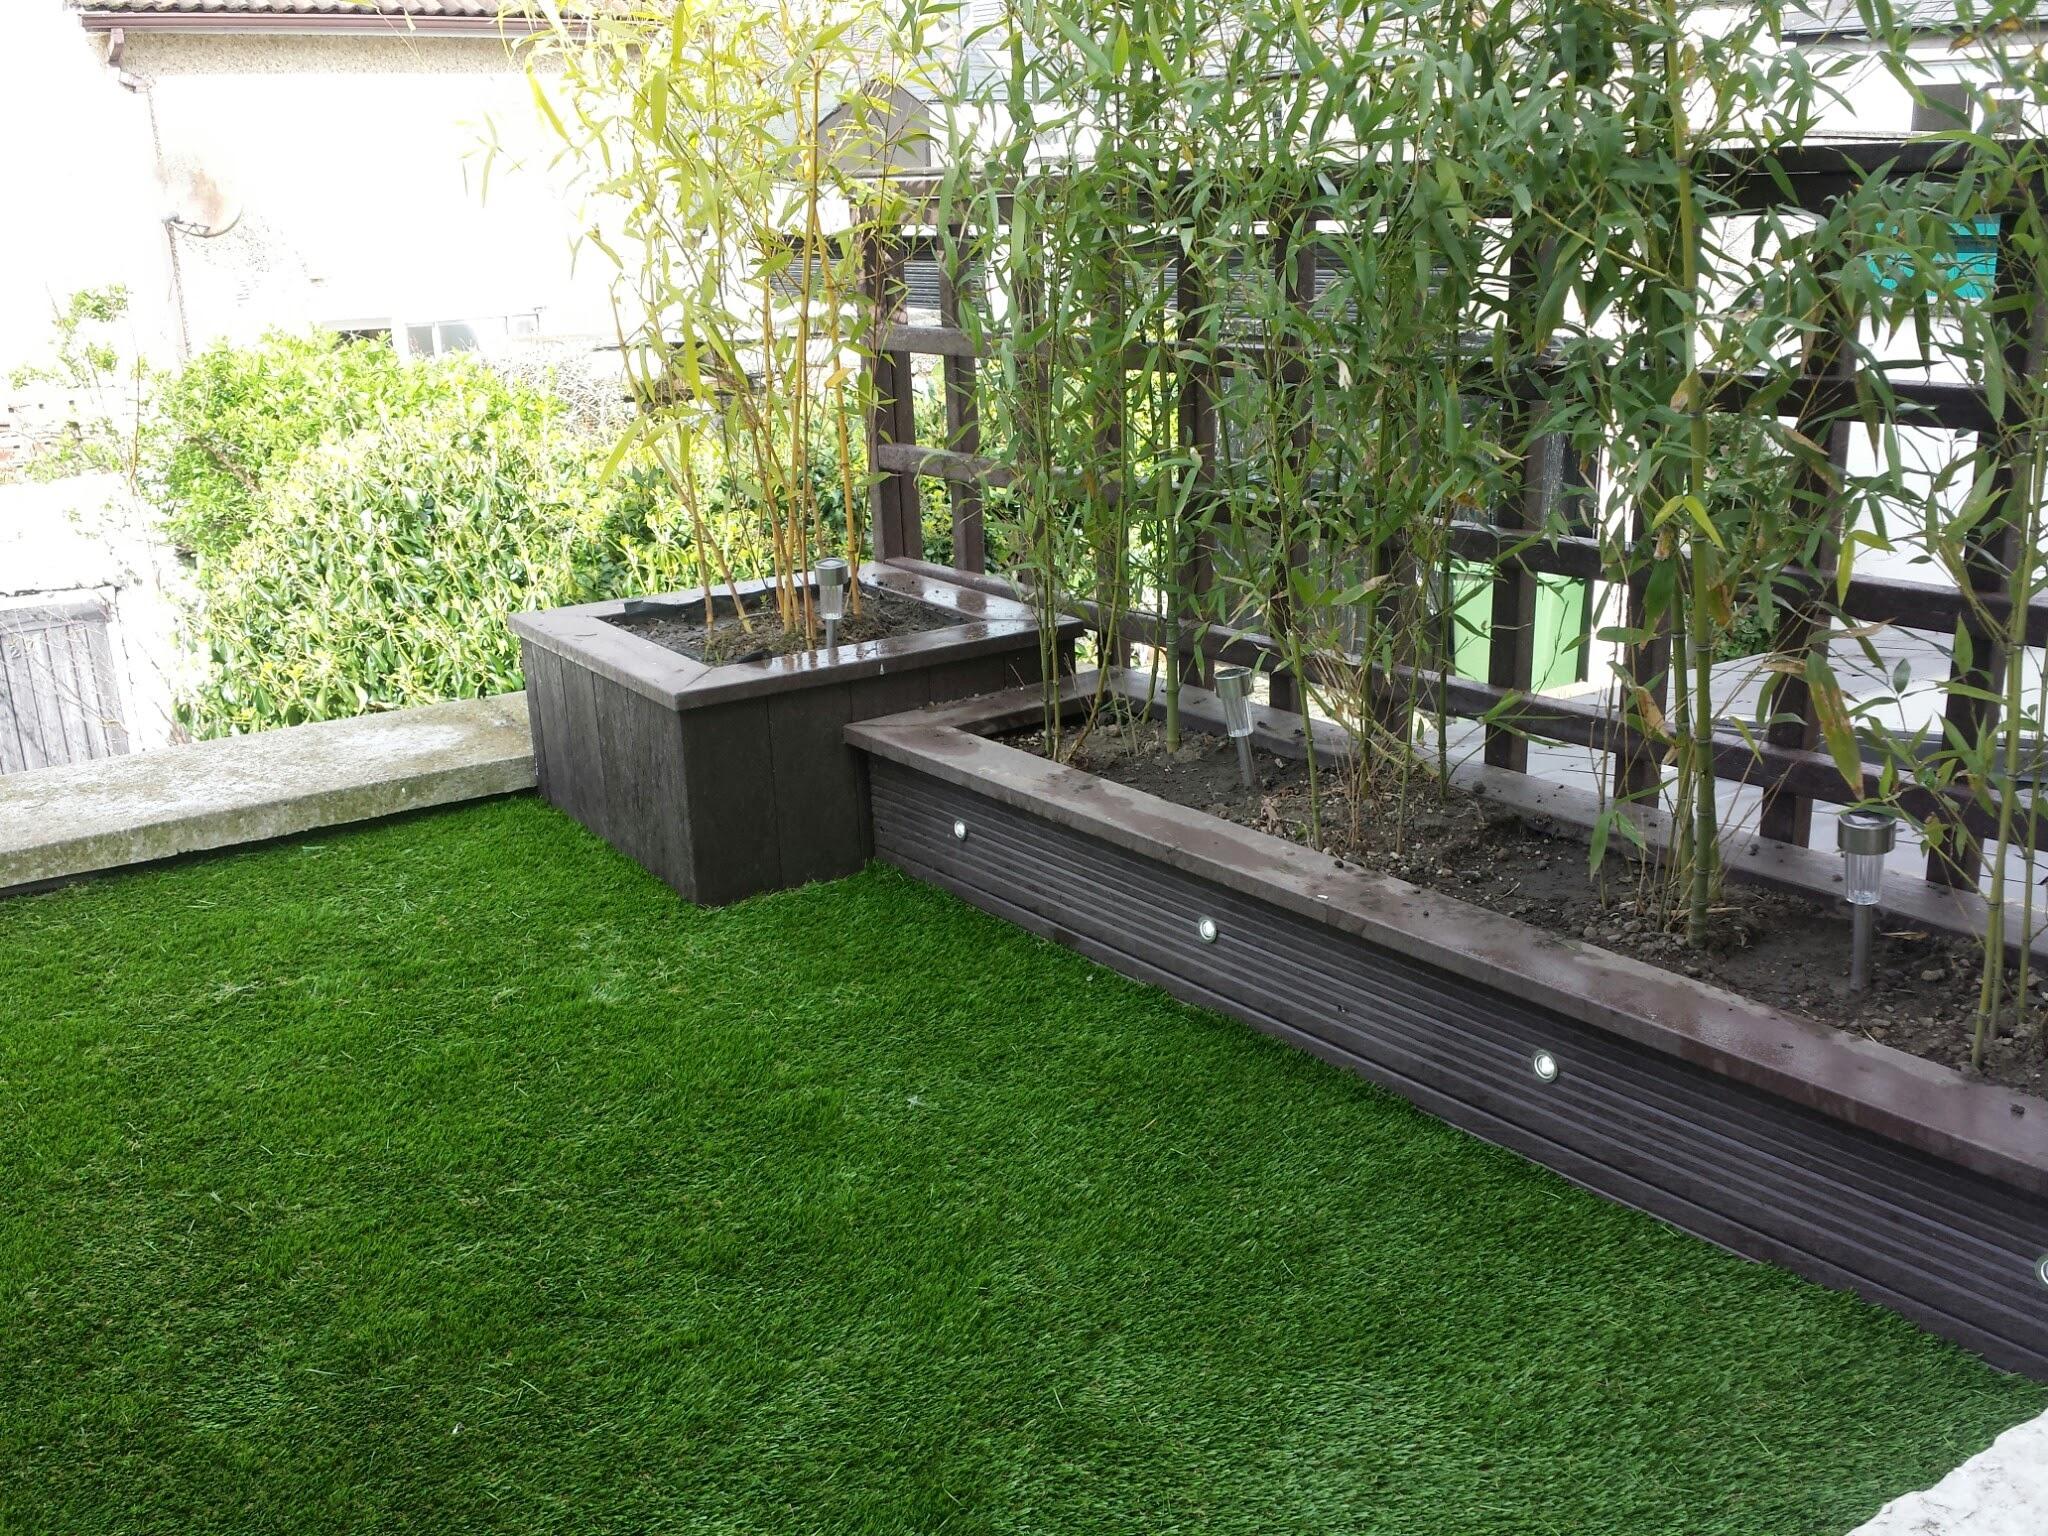 Balcony turf installation